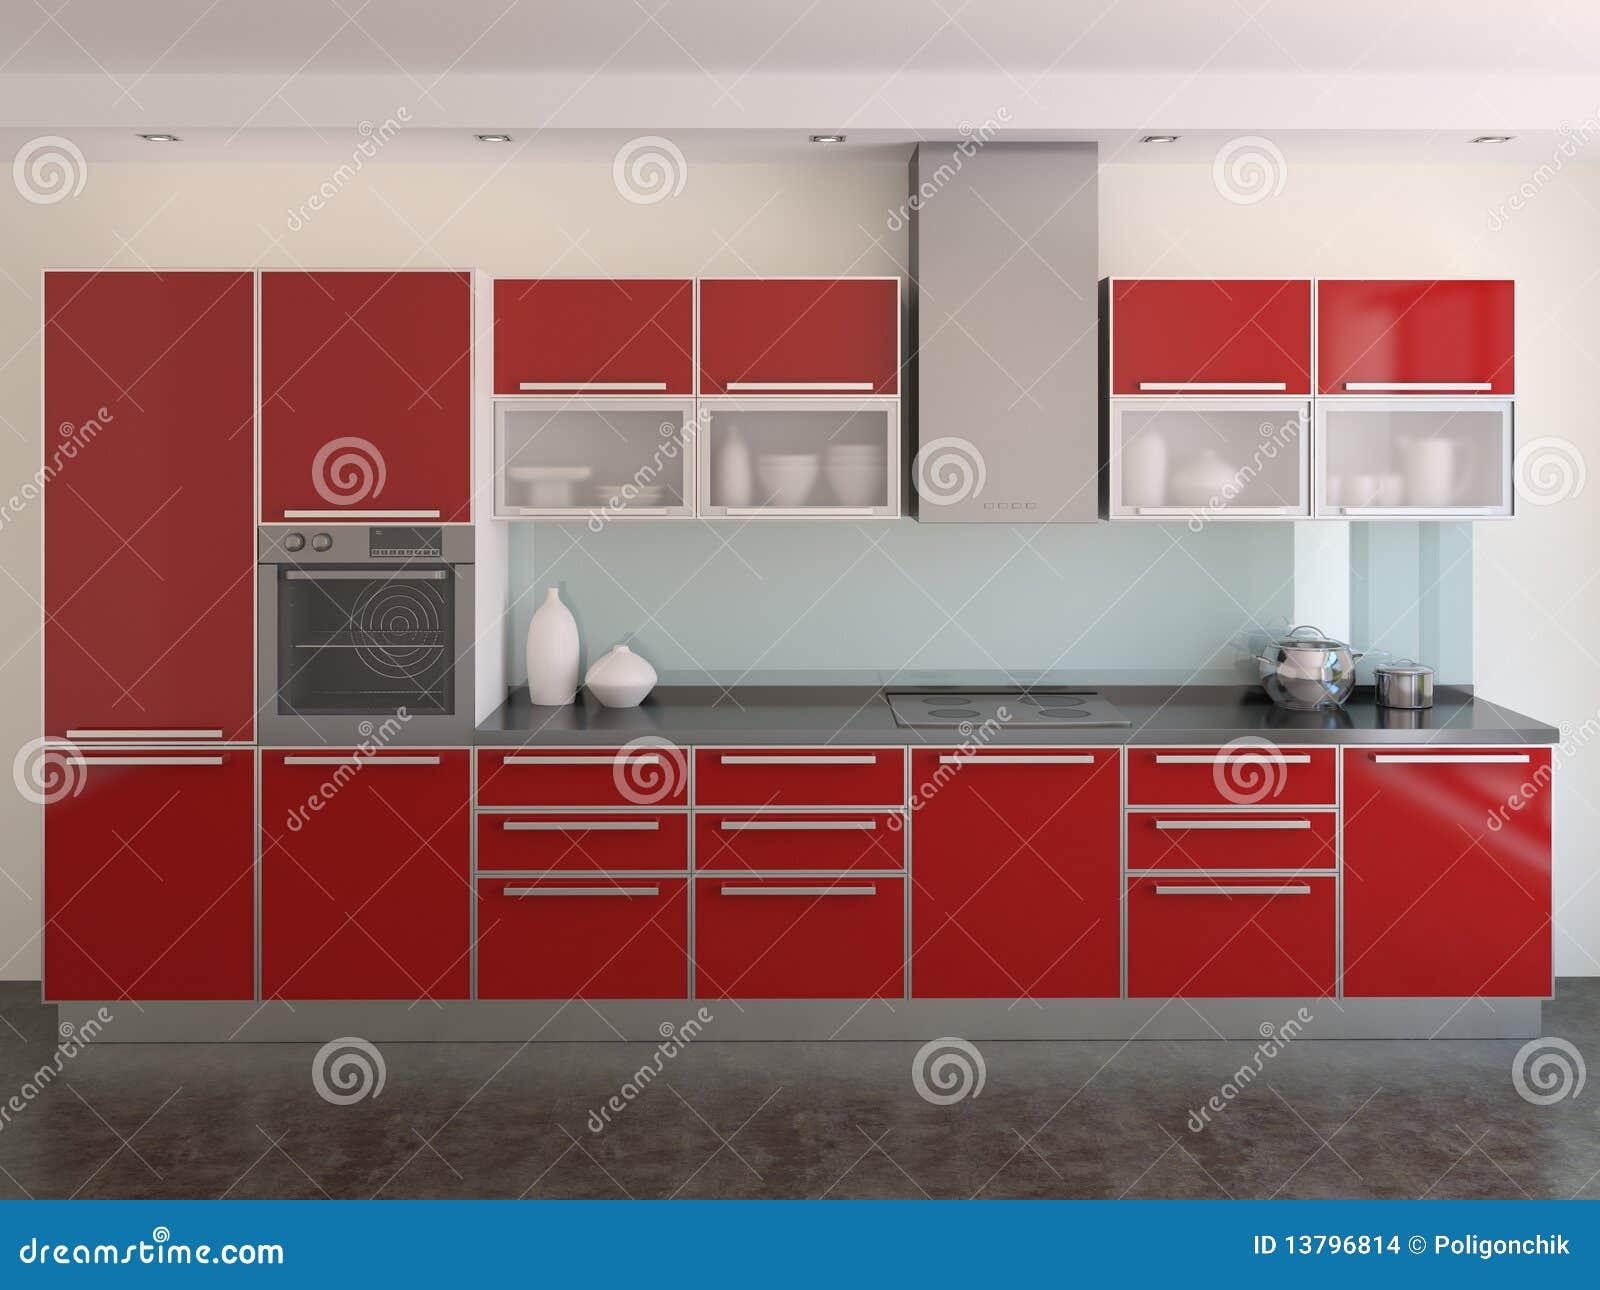 Cucina rossa moderna immagini stock immagine 13796814 - Cucina moderna rossa ...